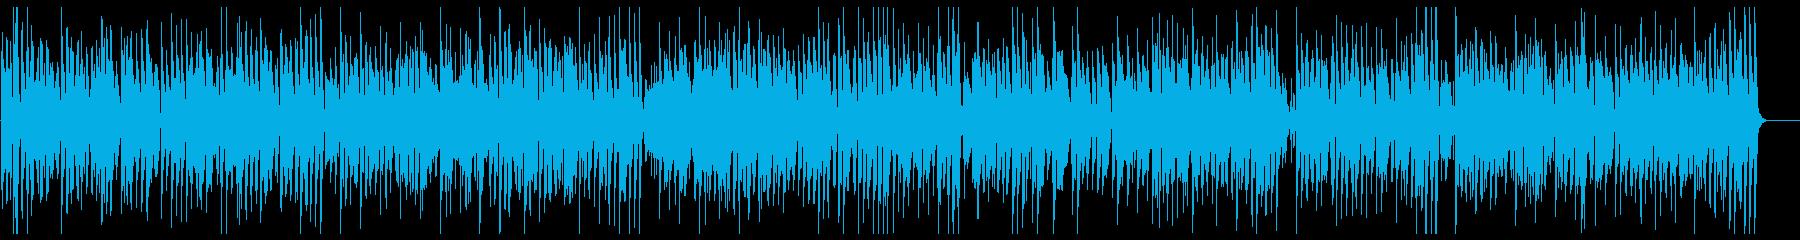 やさしくて爽やかなピアノメロディーの再生済みの波形